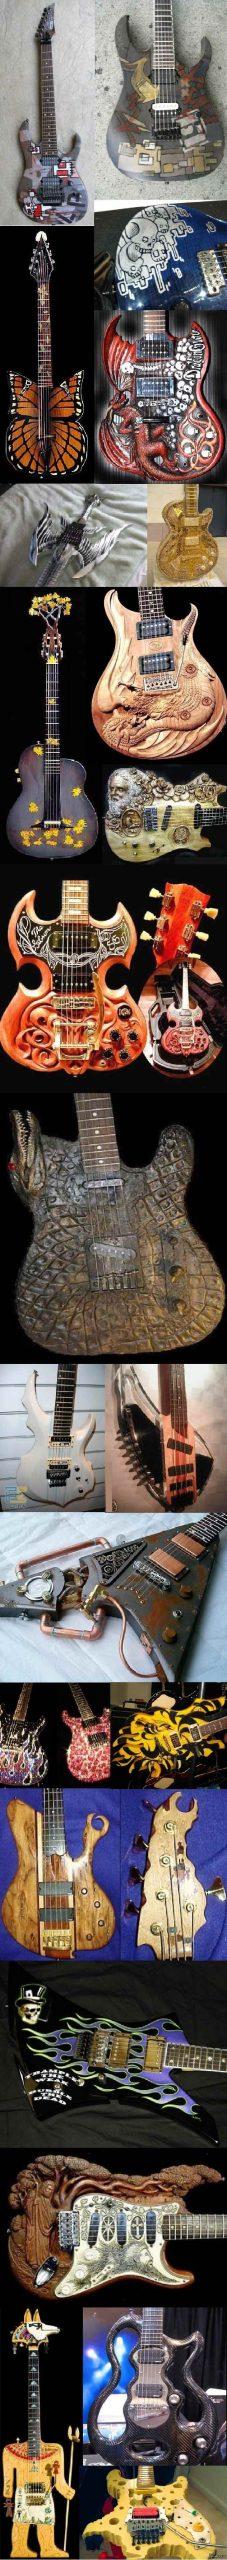 Красивая акустическая гитара фото, подборка 03